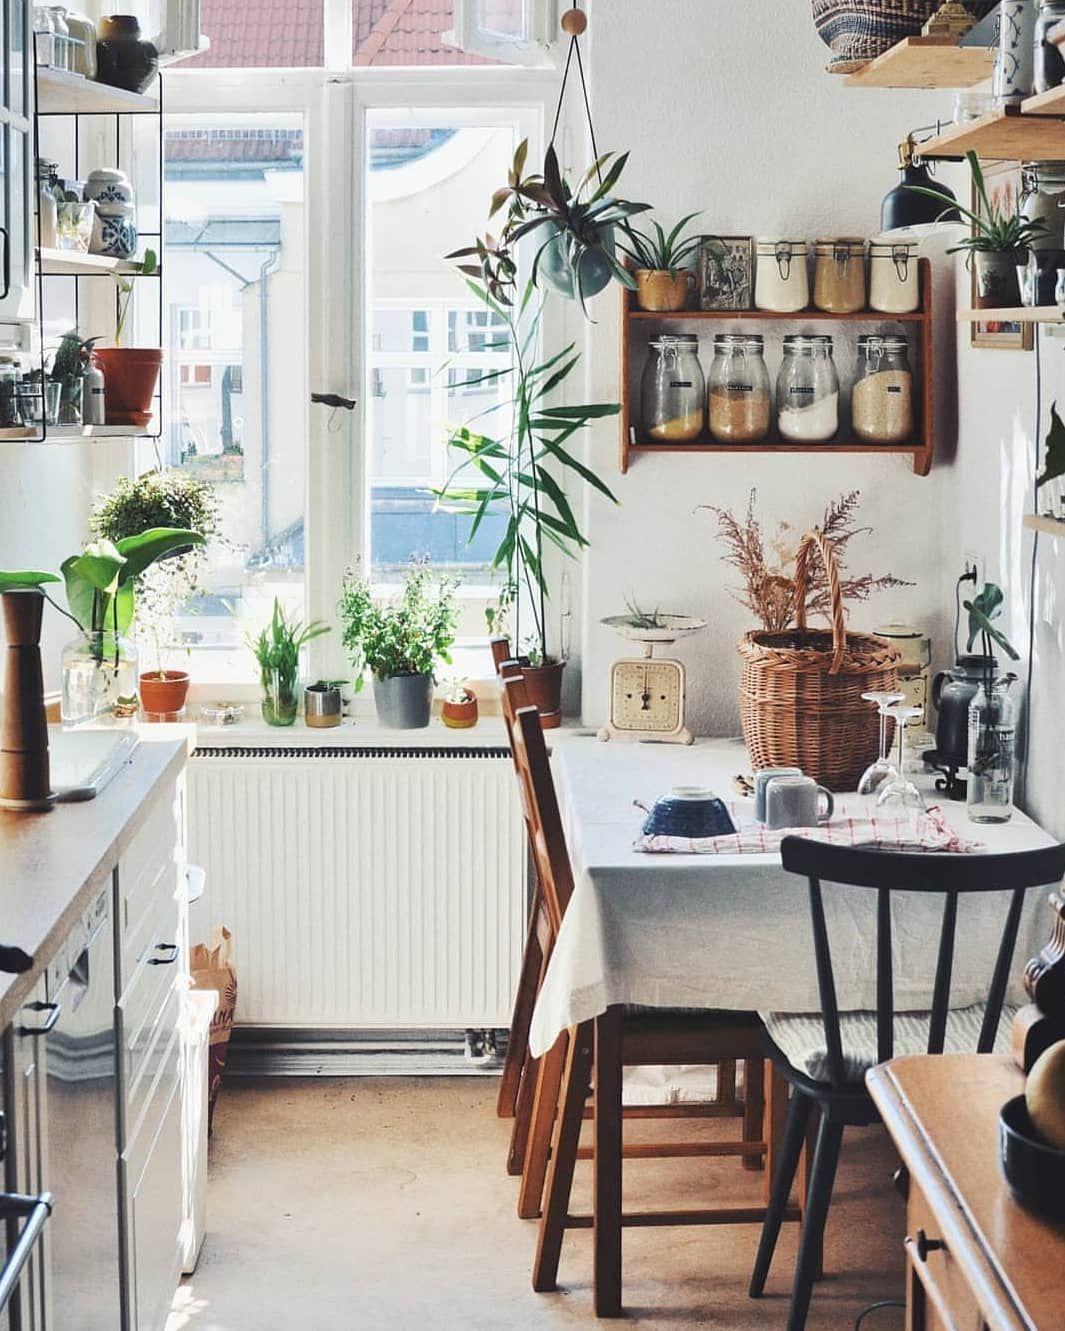 Solebich De On Instagram Ein Entspanntes Wochenende Lautet Heute Mitglied Frau Seekuh Mit Ihrer Schone Wohnung Innenarchitektur Kuche Einrichten Boho Kuche